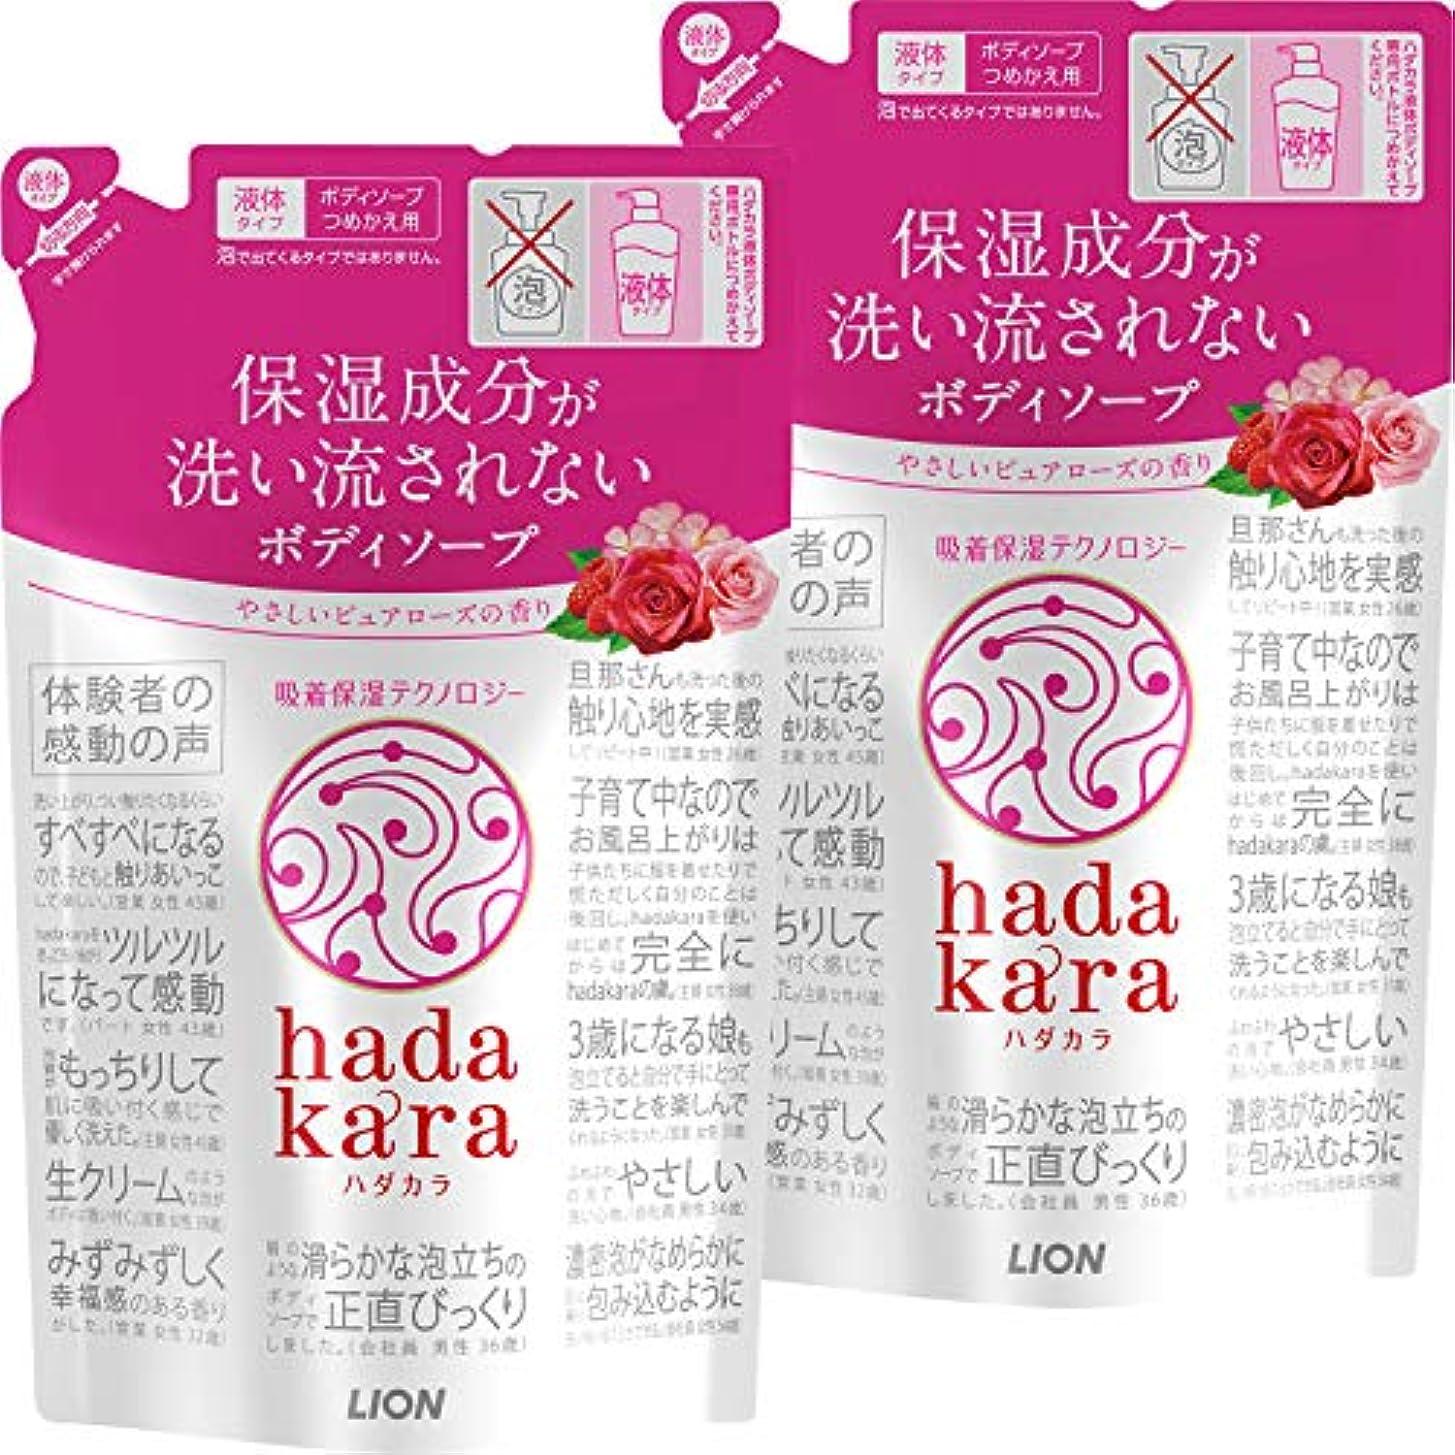 有害特許オーガニック【まとめ買い】hadakara(ハダカラ) ボディソープ ピュアローズの香り 詰め替え 360ml×2個パック